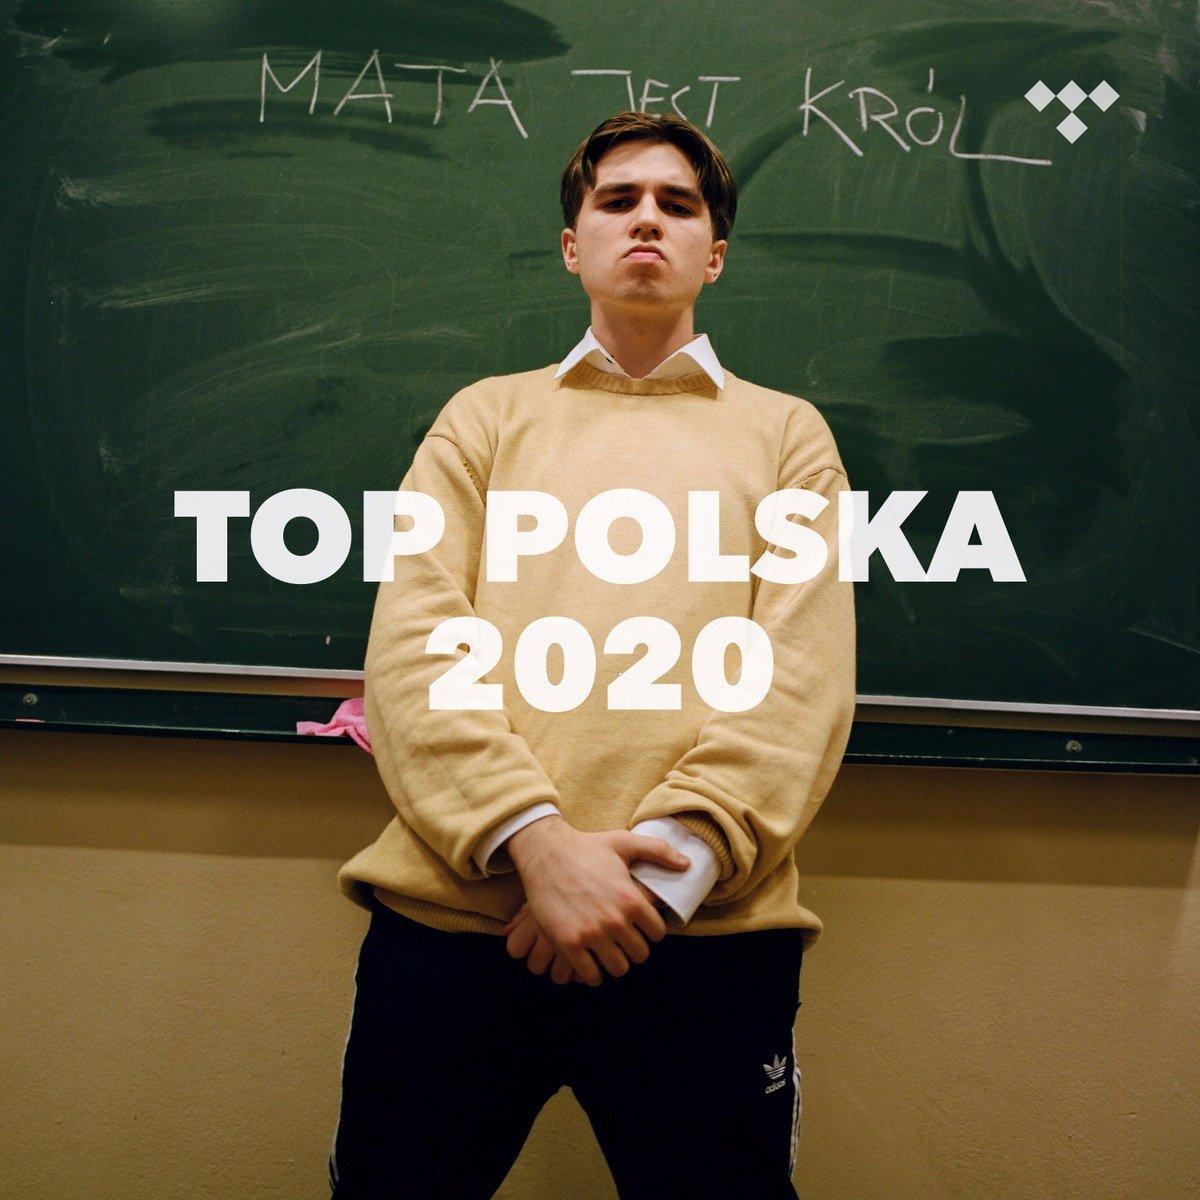 Piosenka Maty najczęściej słuchaną w 2020 roku w TIDAL Polska!